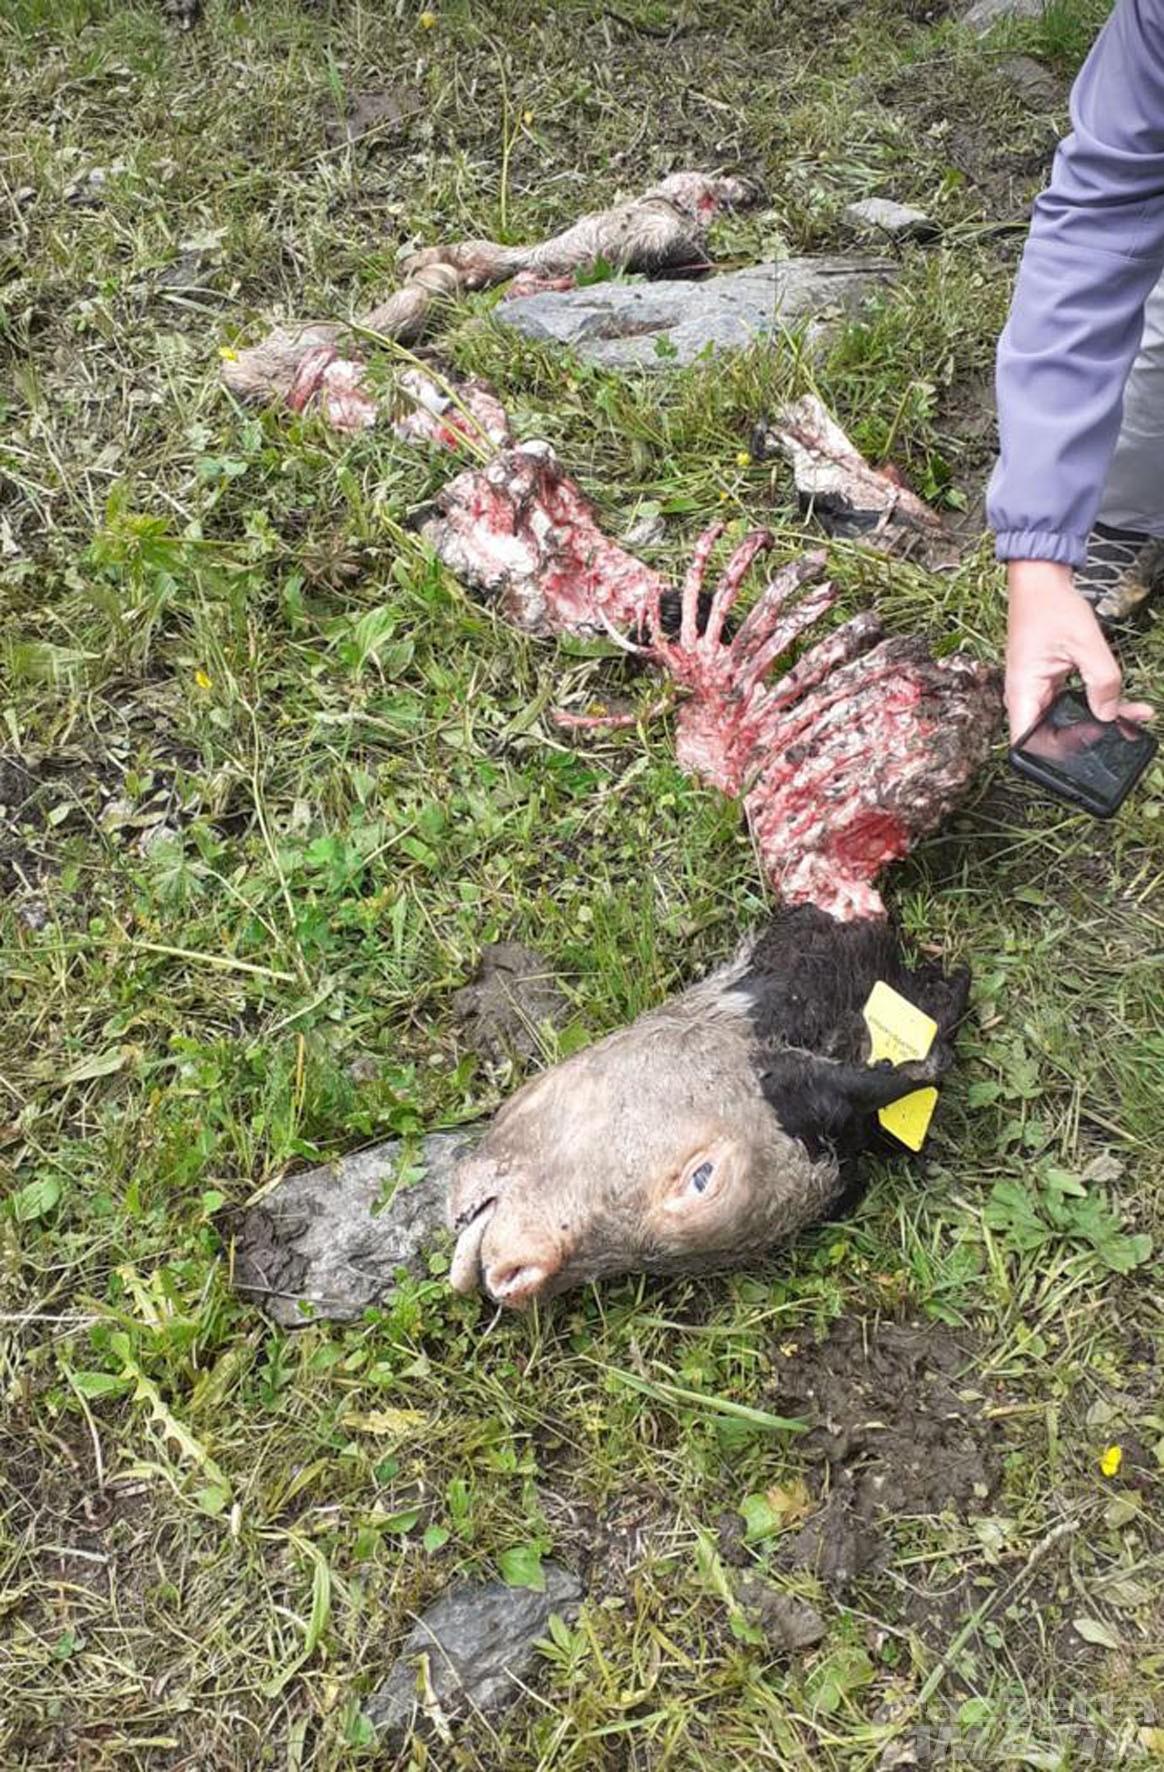 Lupo: sbranato un vitello in un alpeggio a Gressoney-La-Trinité